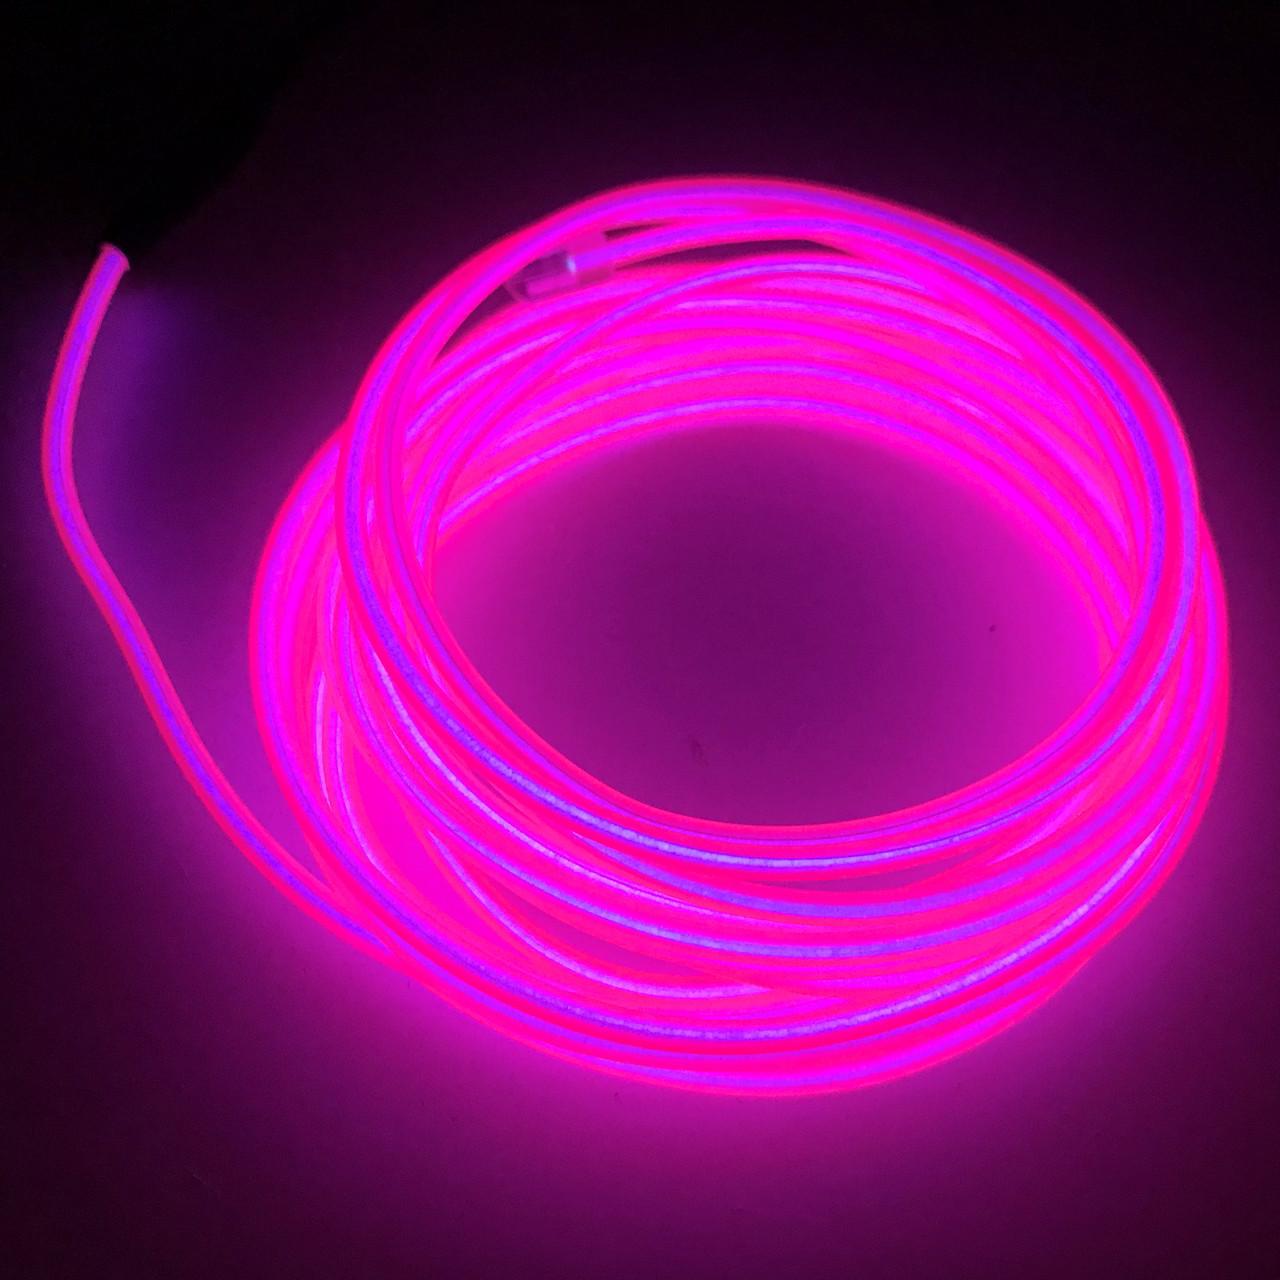 Холодный Неон Флекс 3м Светодиодный Розовый